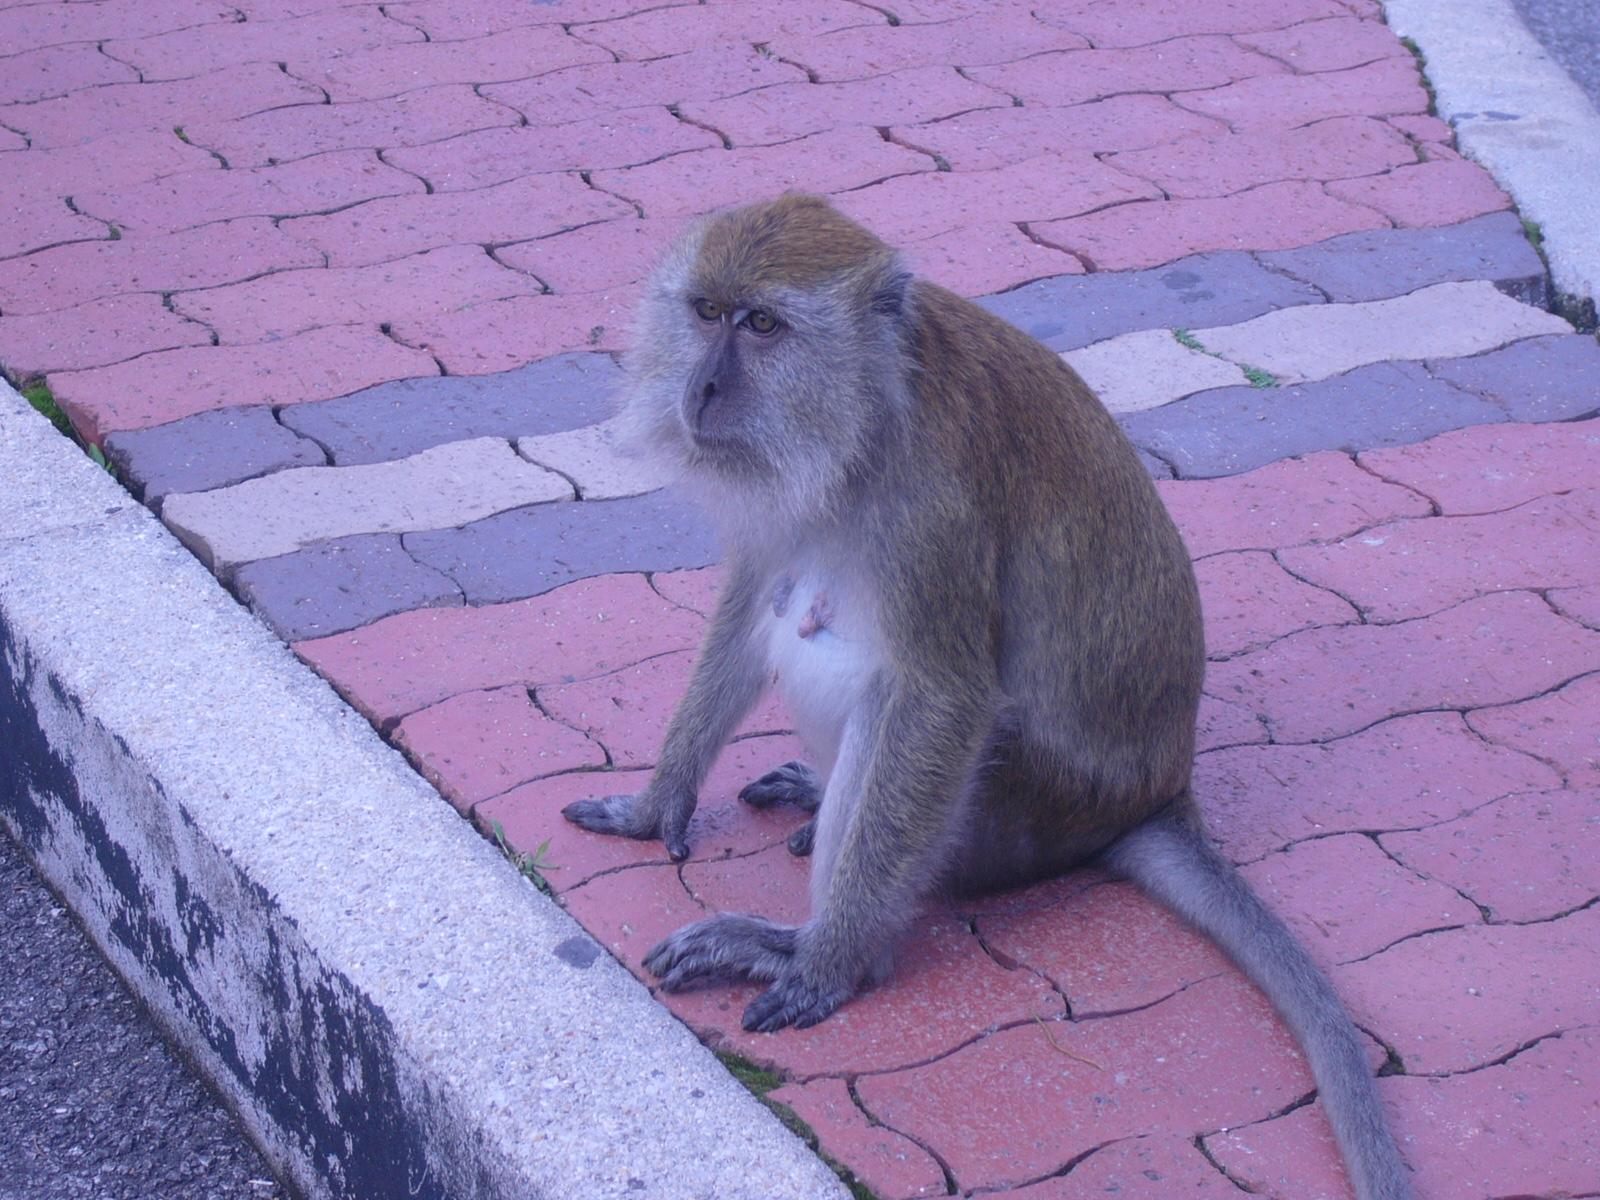 Monkey at Penang Hill